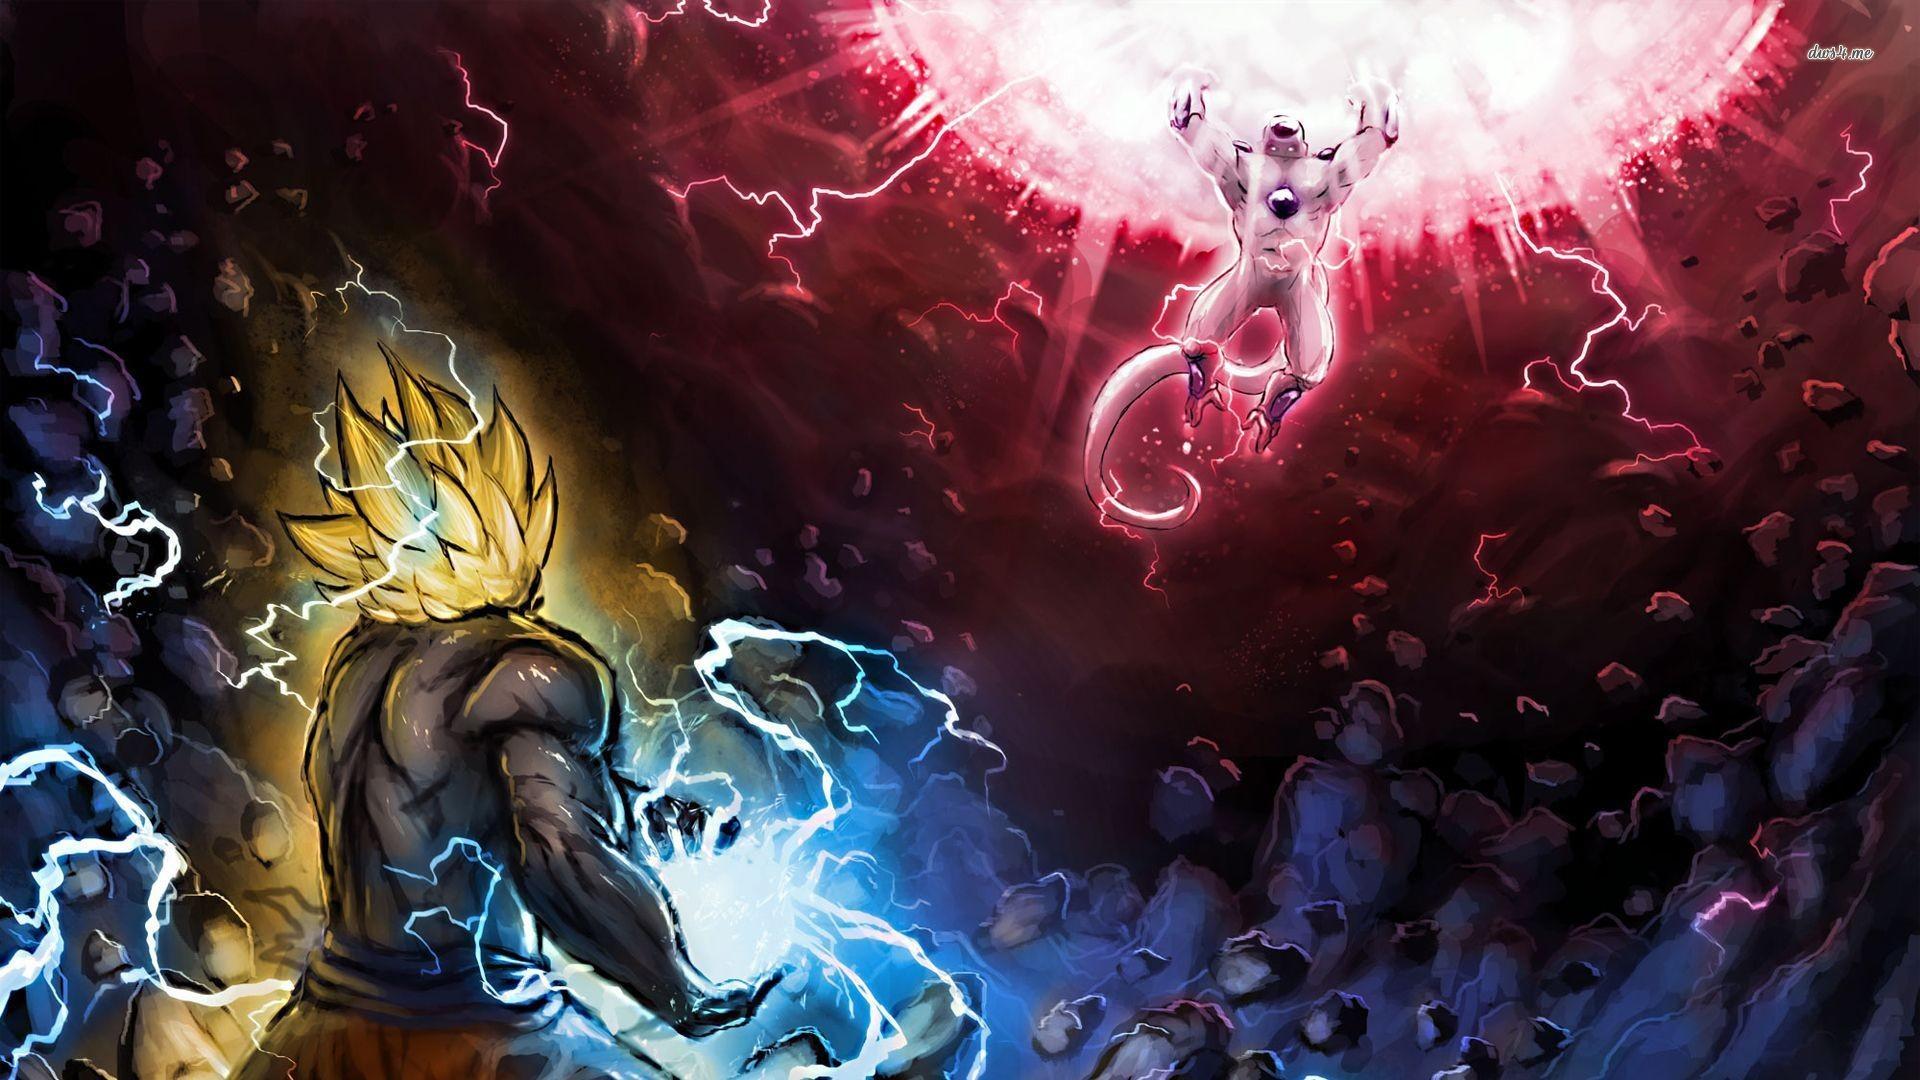 Res: 1920x1080, ... Goku vs Frieza wallpaper  ...